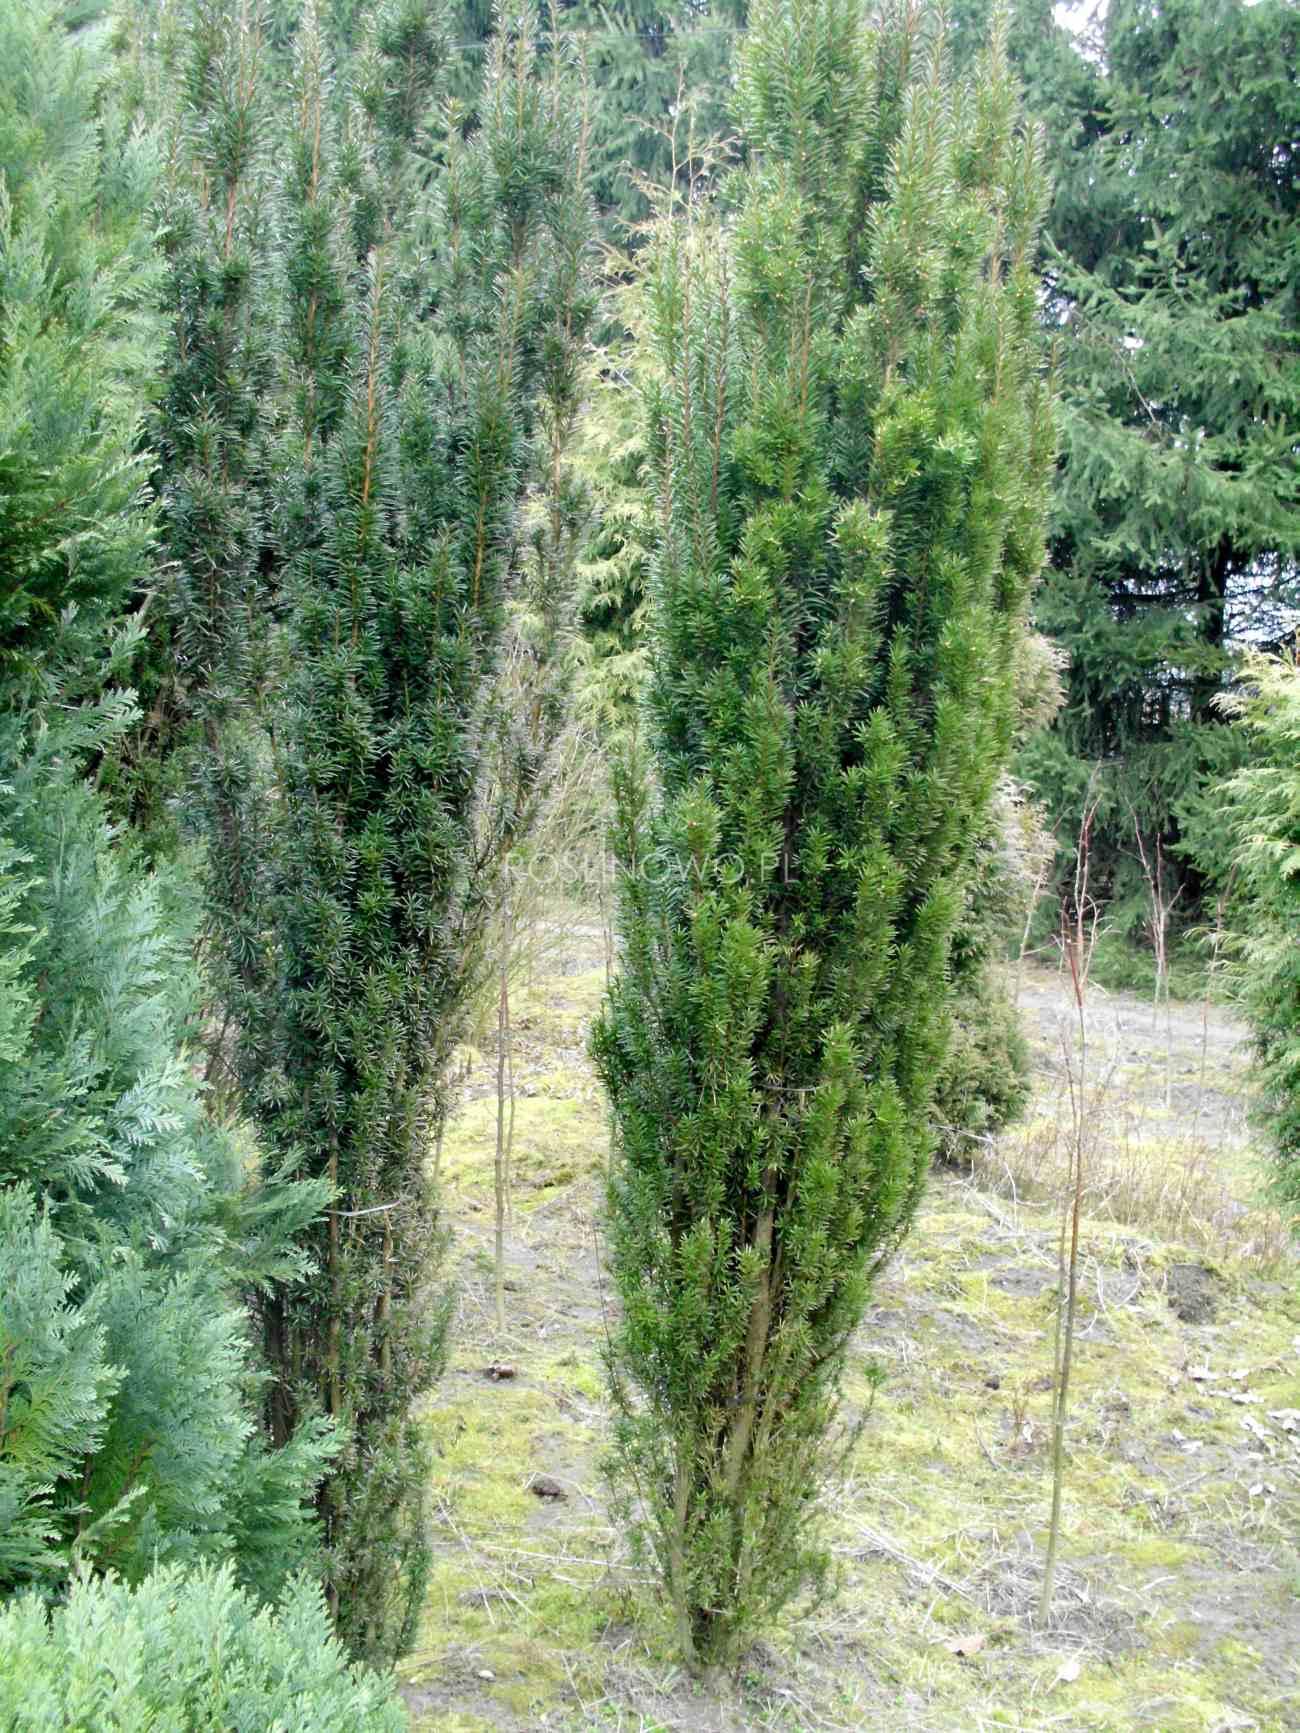 cis wojtek - ozdobny krzew ogrodowy wysoki